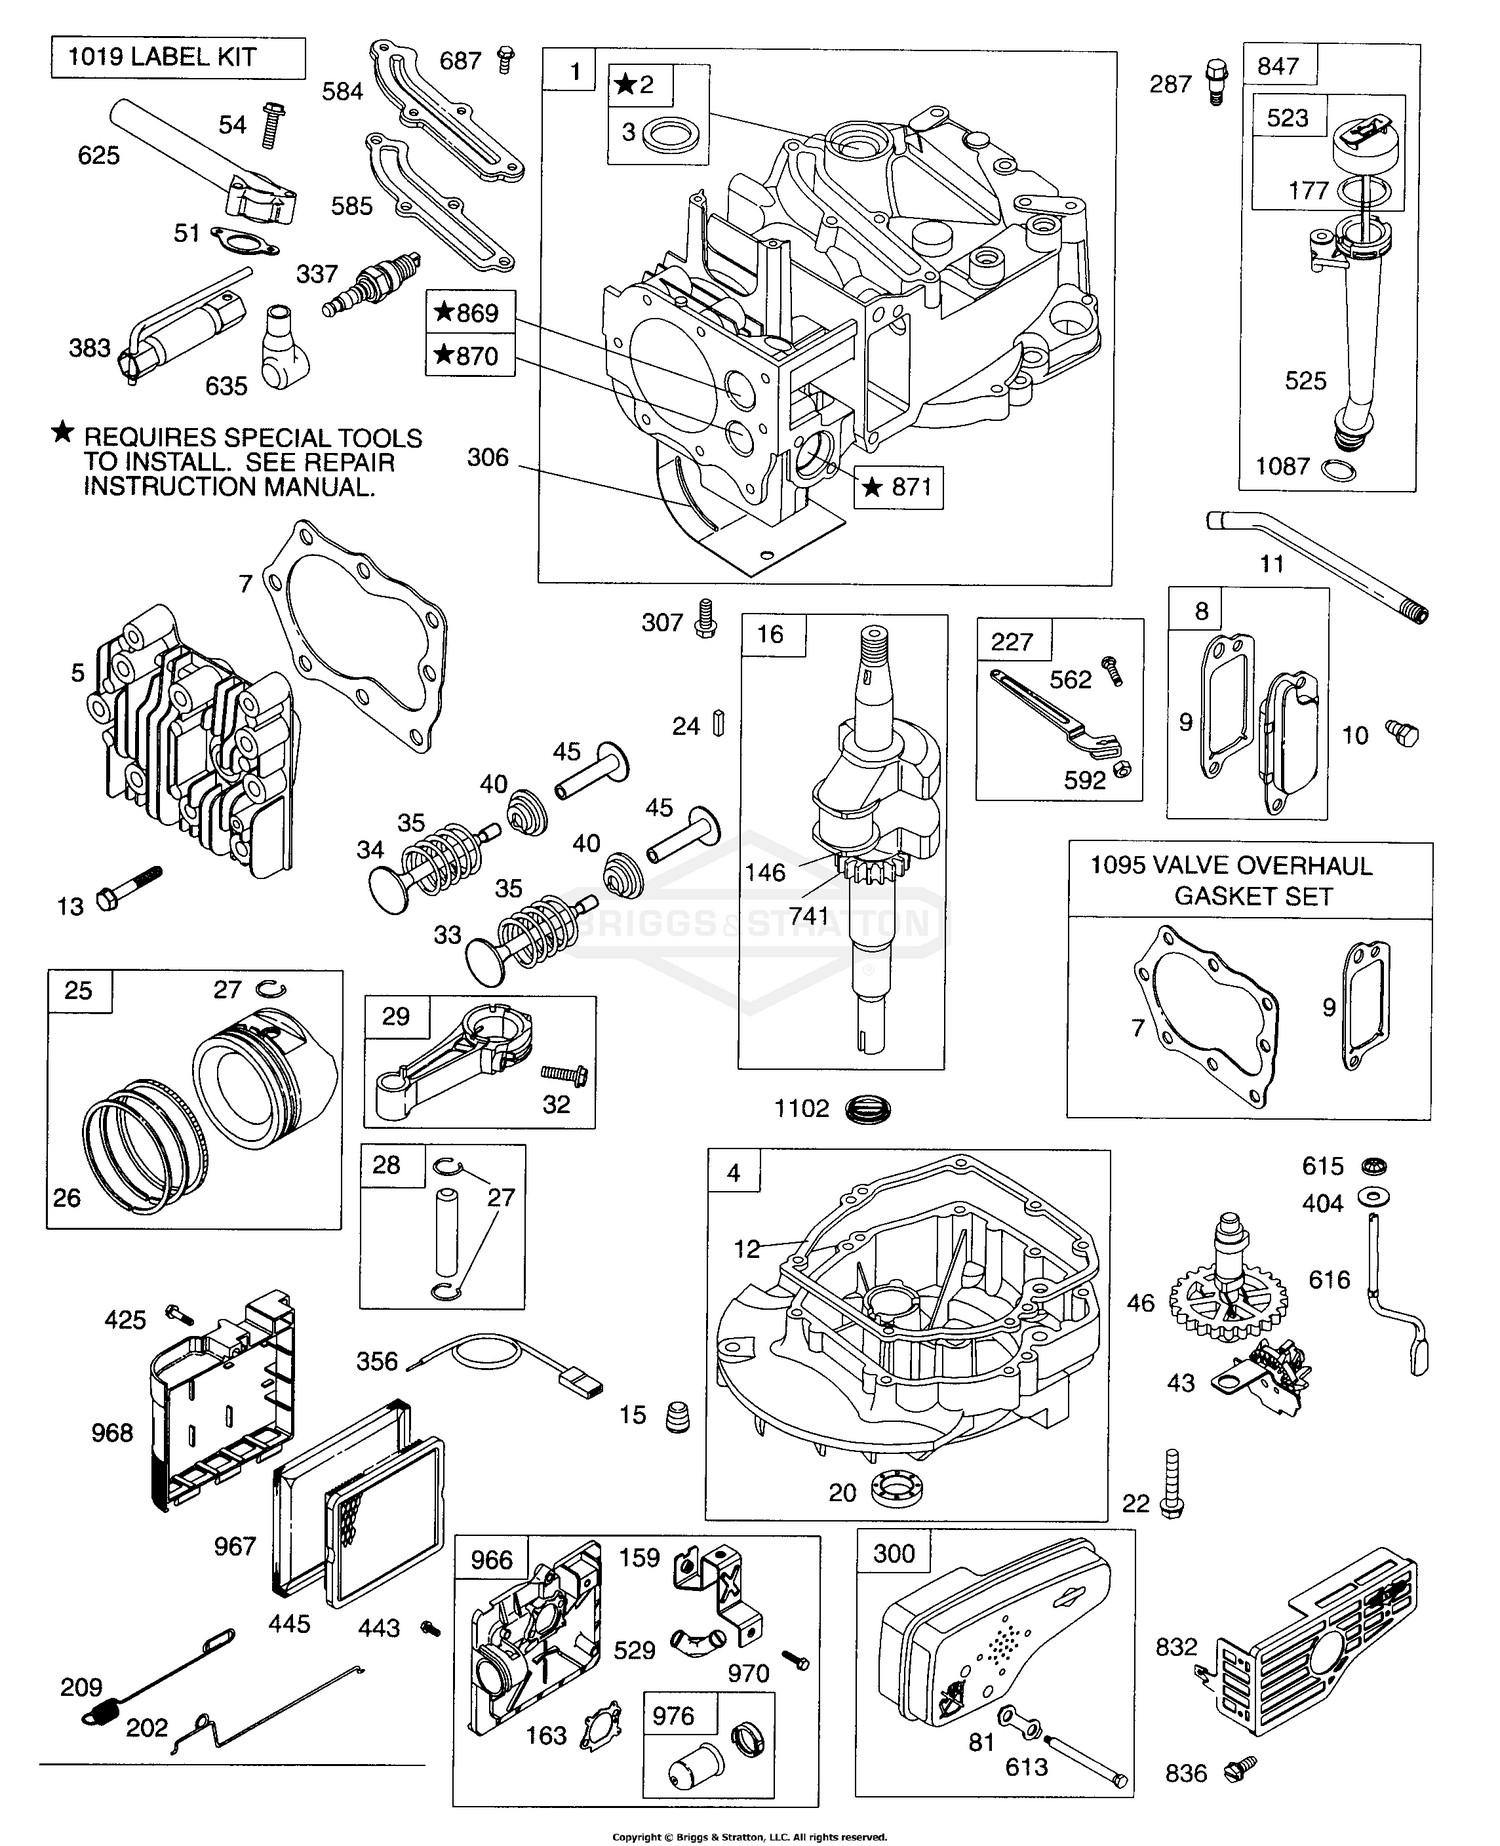 Briggs and Stratton 19 Hp Diagram Briggs & Stratton Power Products Del 1282 Of Briggs and Stratton 19 Hp Diagram